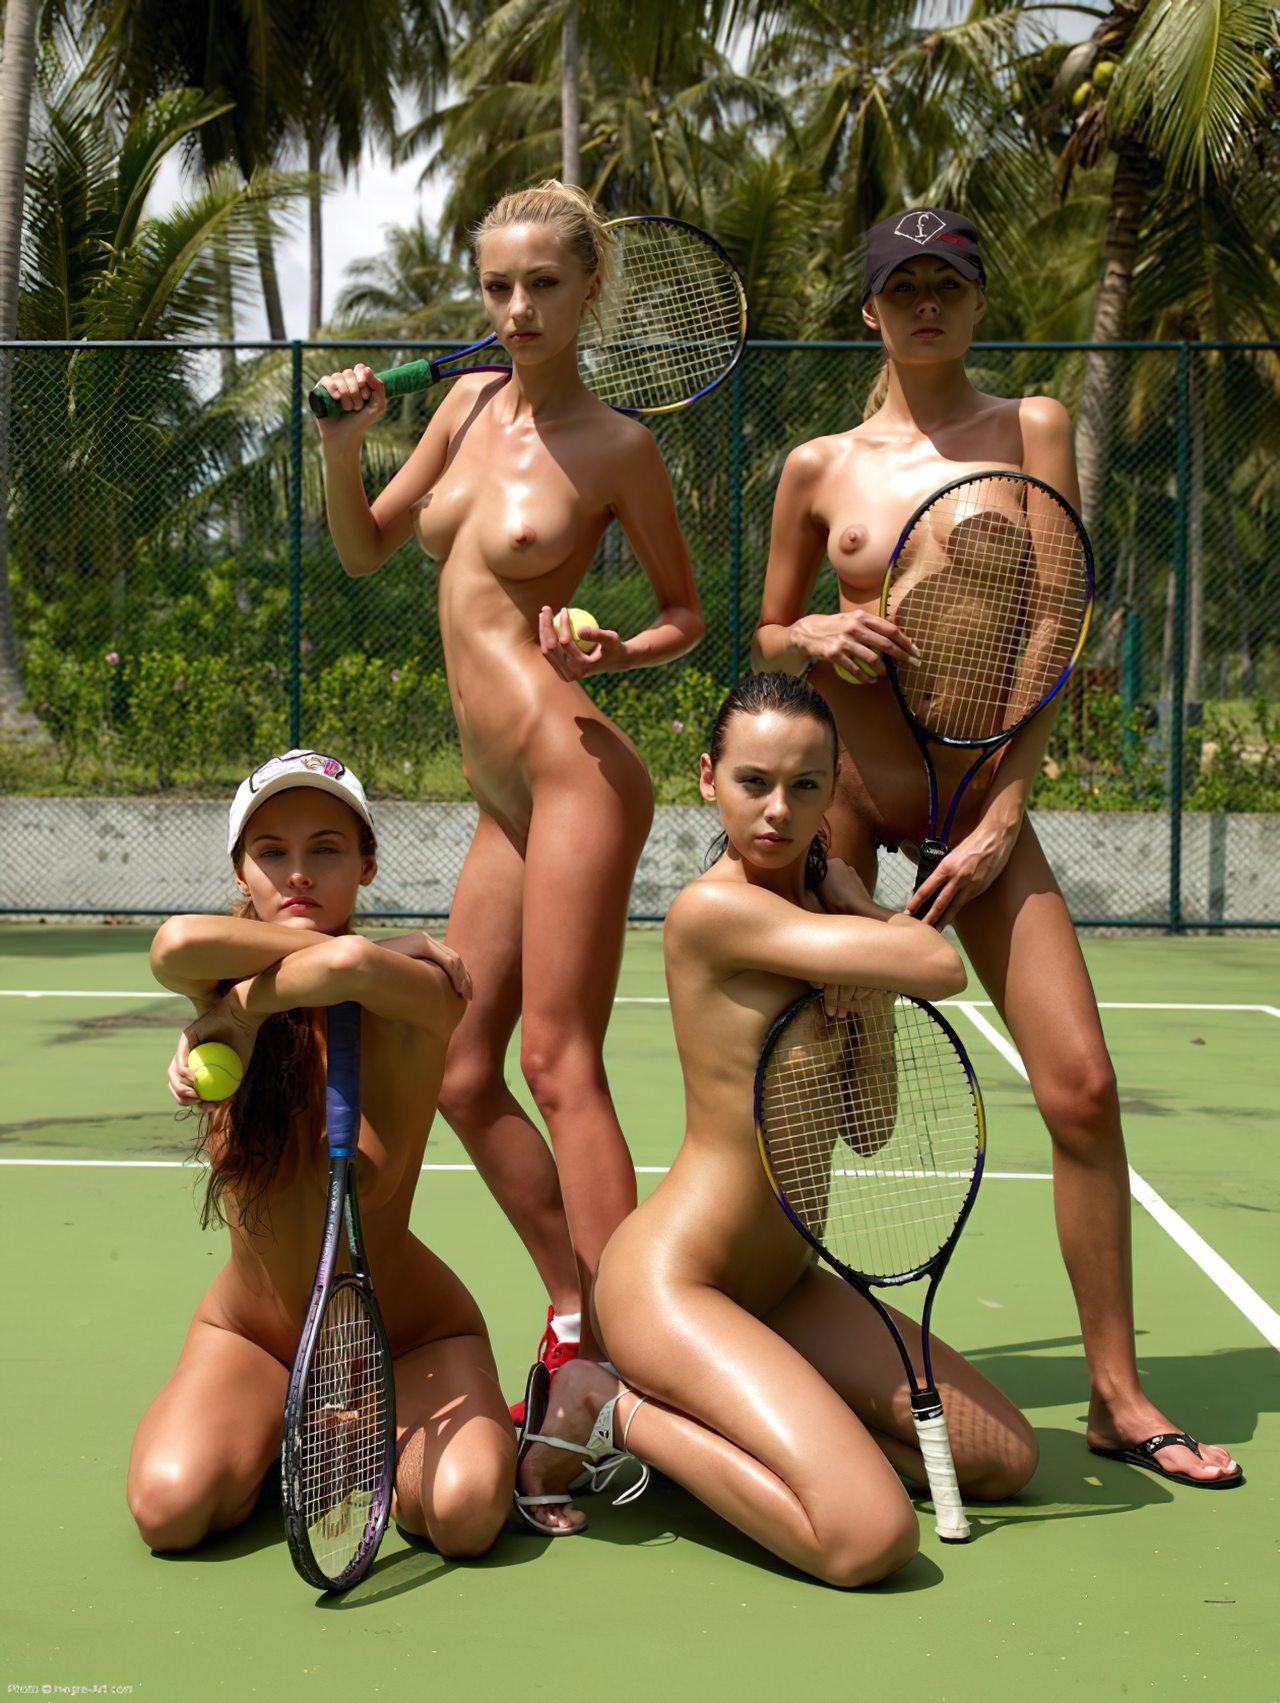 Tenistas Nuas